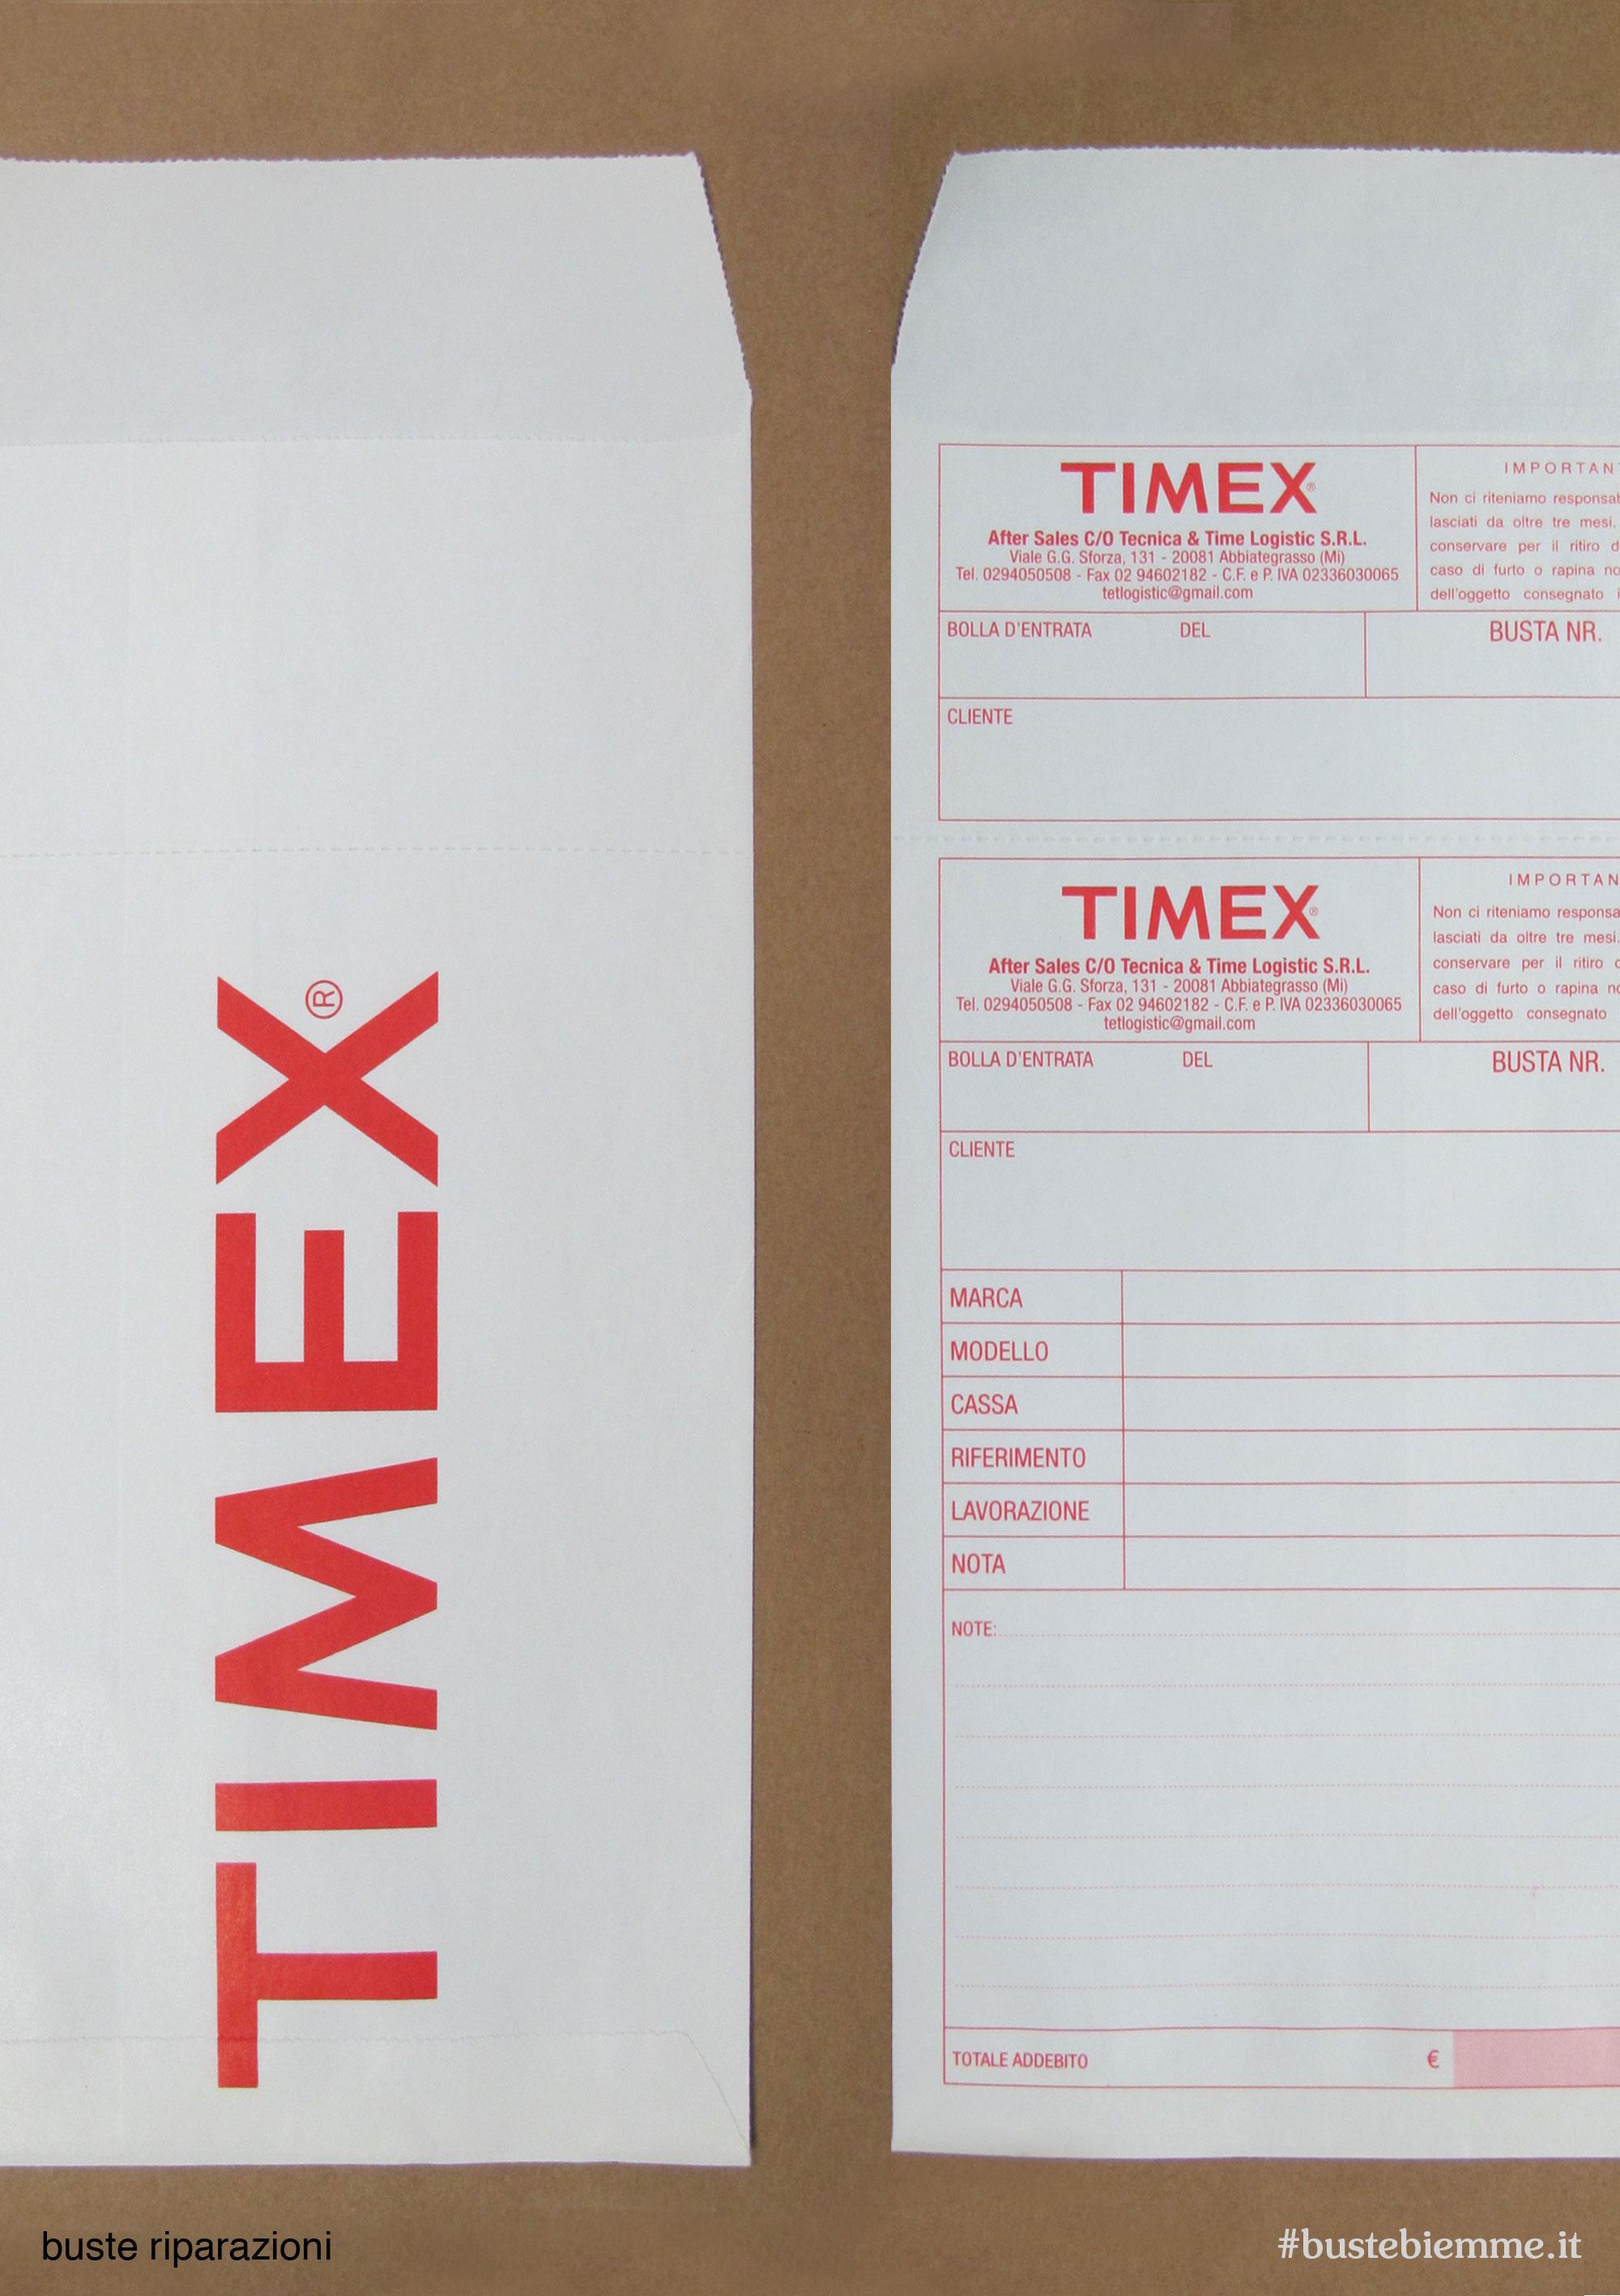 busta in carta per la riparazione di orologi con numerazione progressiva e tagliando di ricevuta